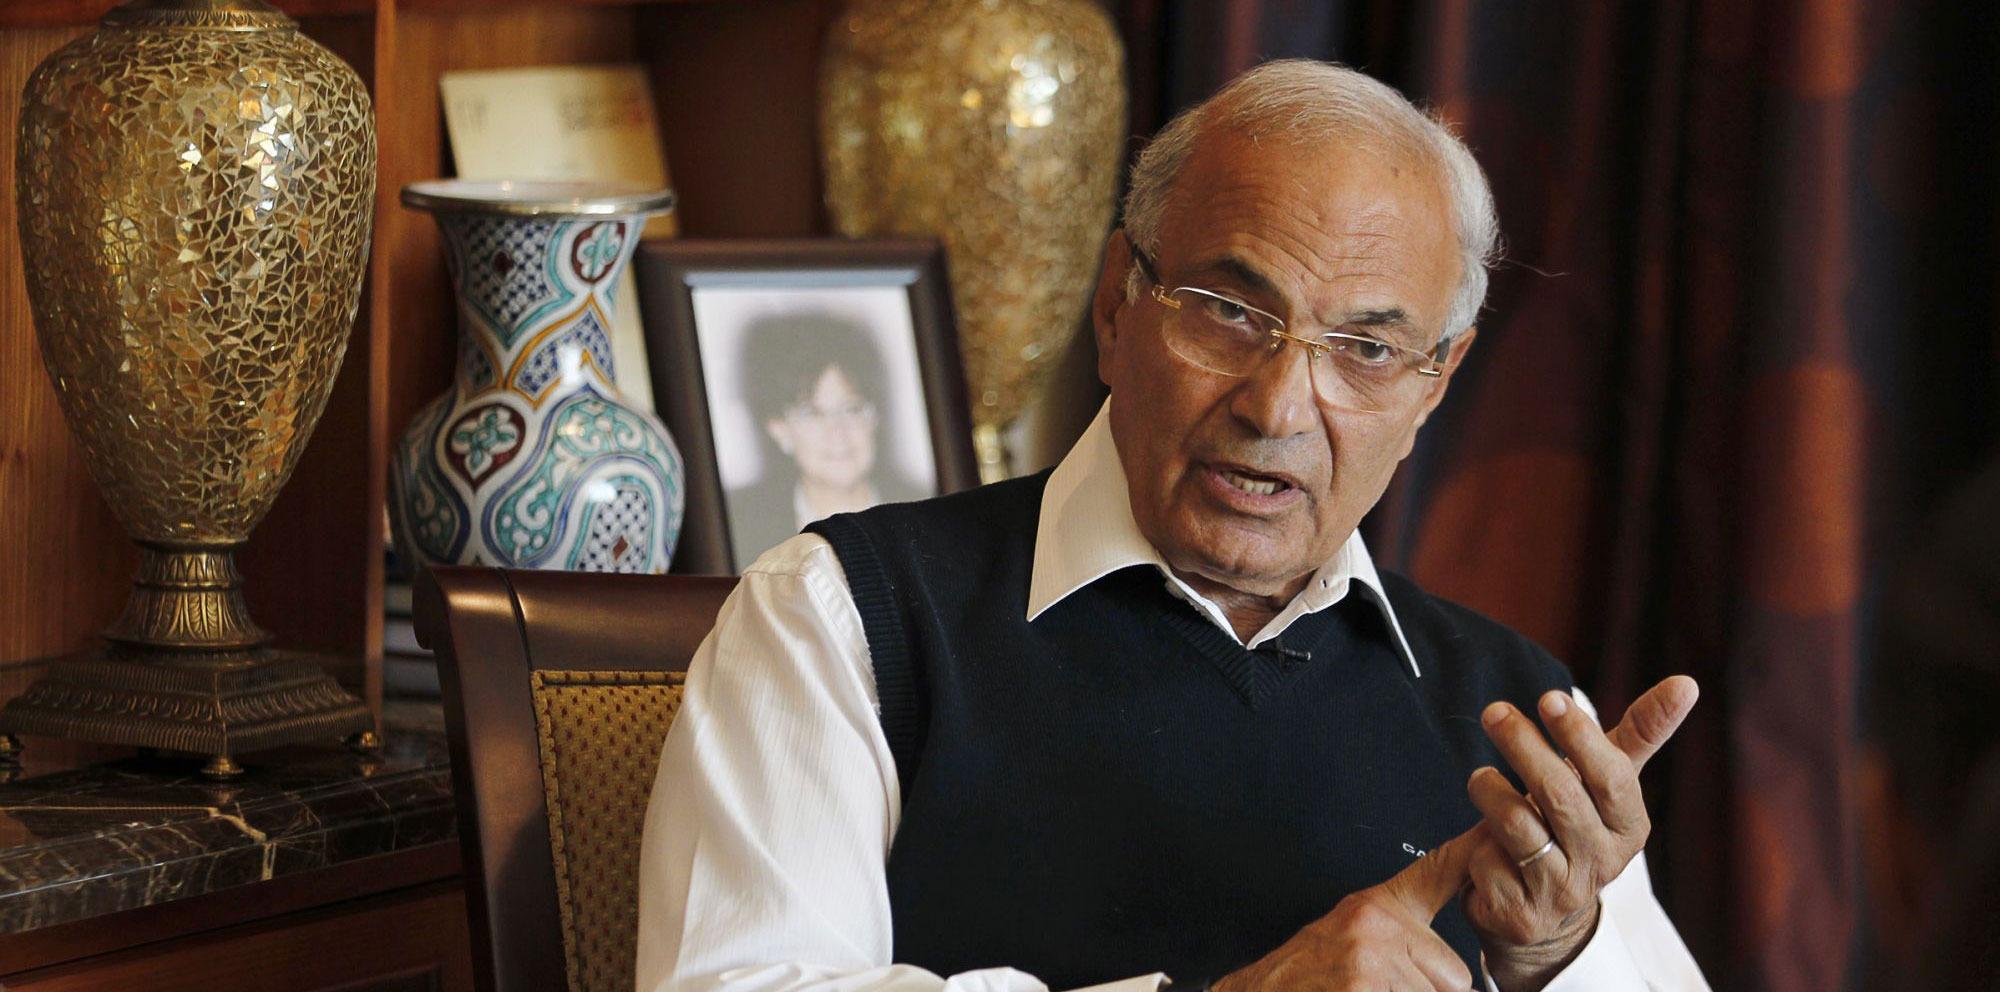 رويترز: السلطات المصرية تلقي القبض على 3 من مؤيدي أحمد شفيق